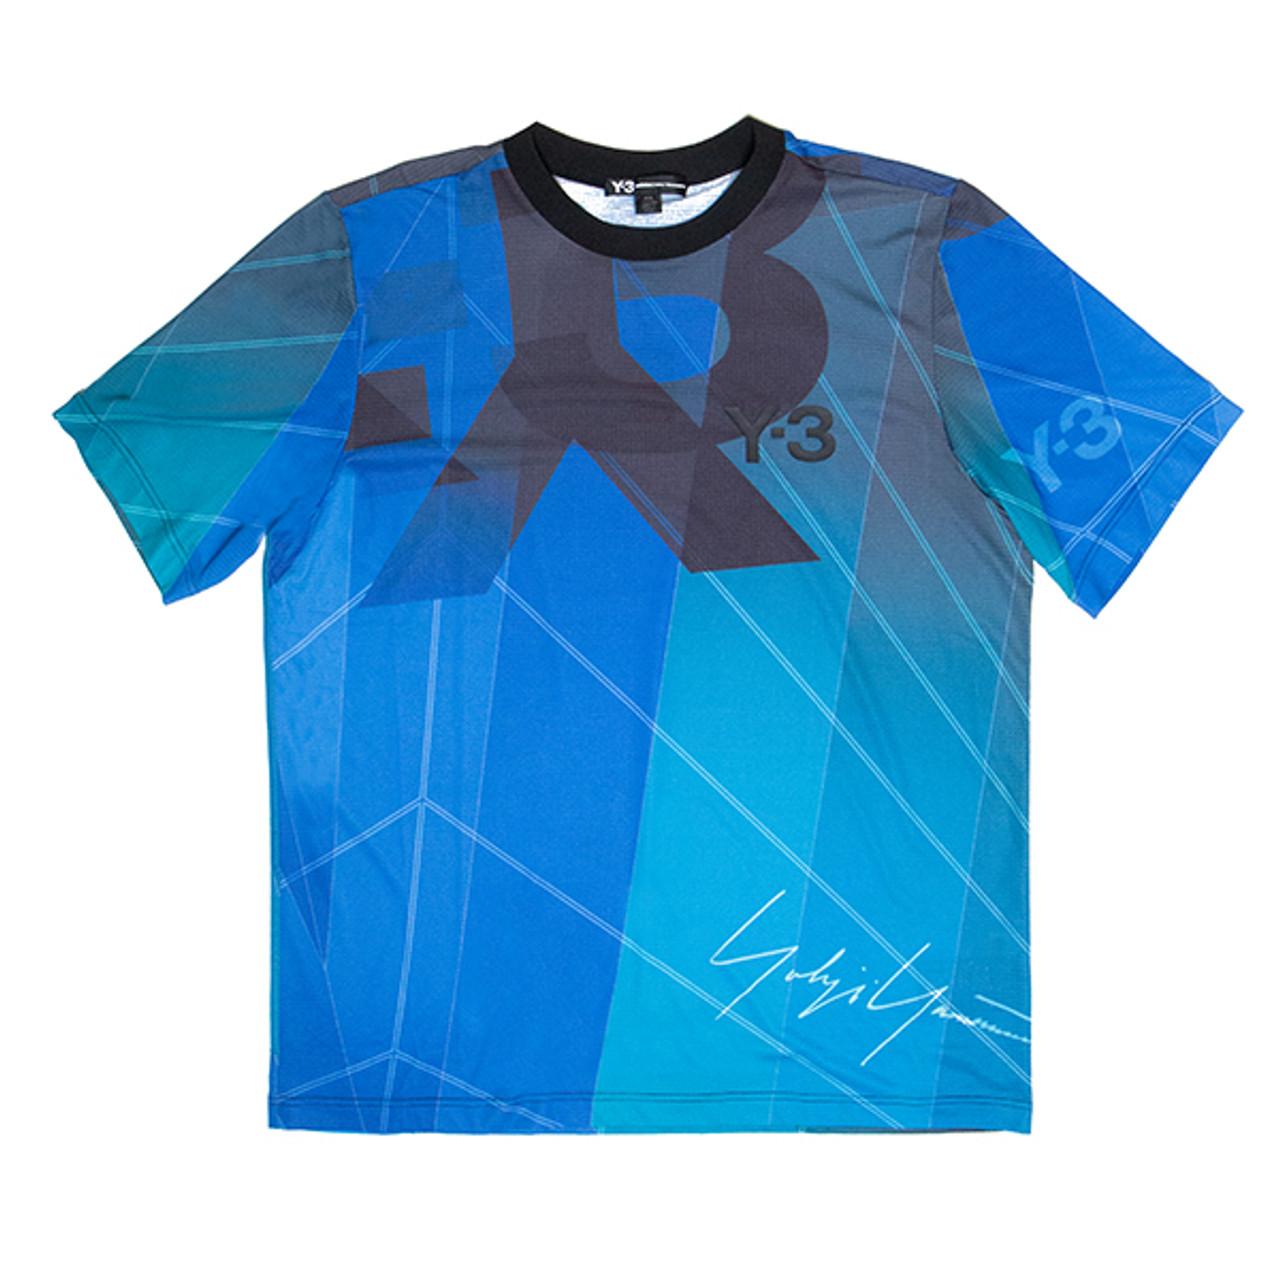 football jersey blue